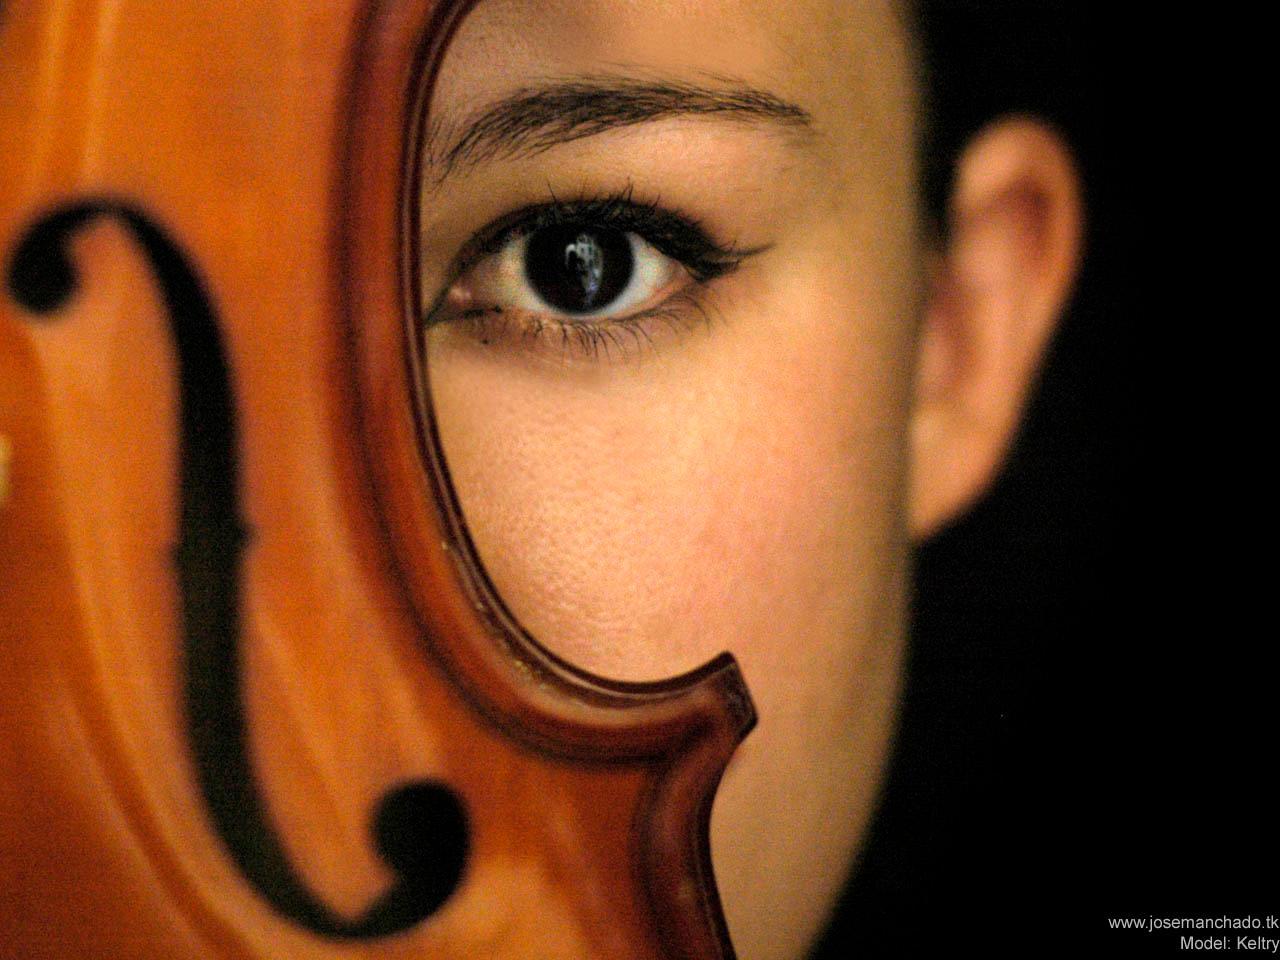 Keltry - Vio eyes V1 by josemanchado